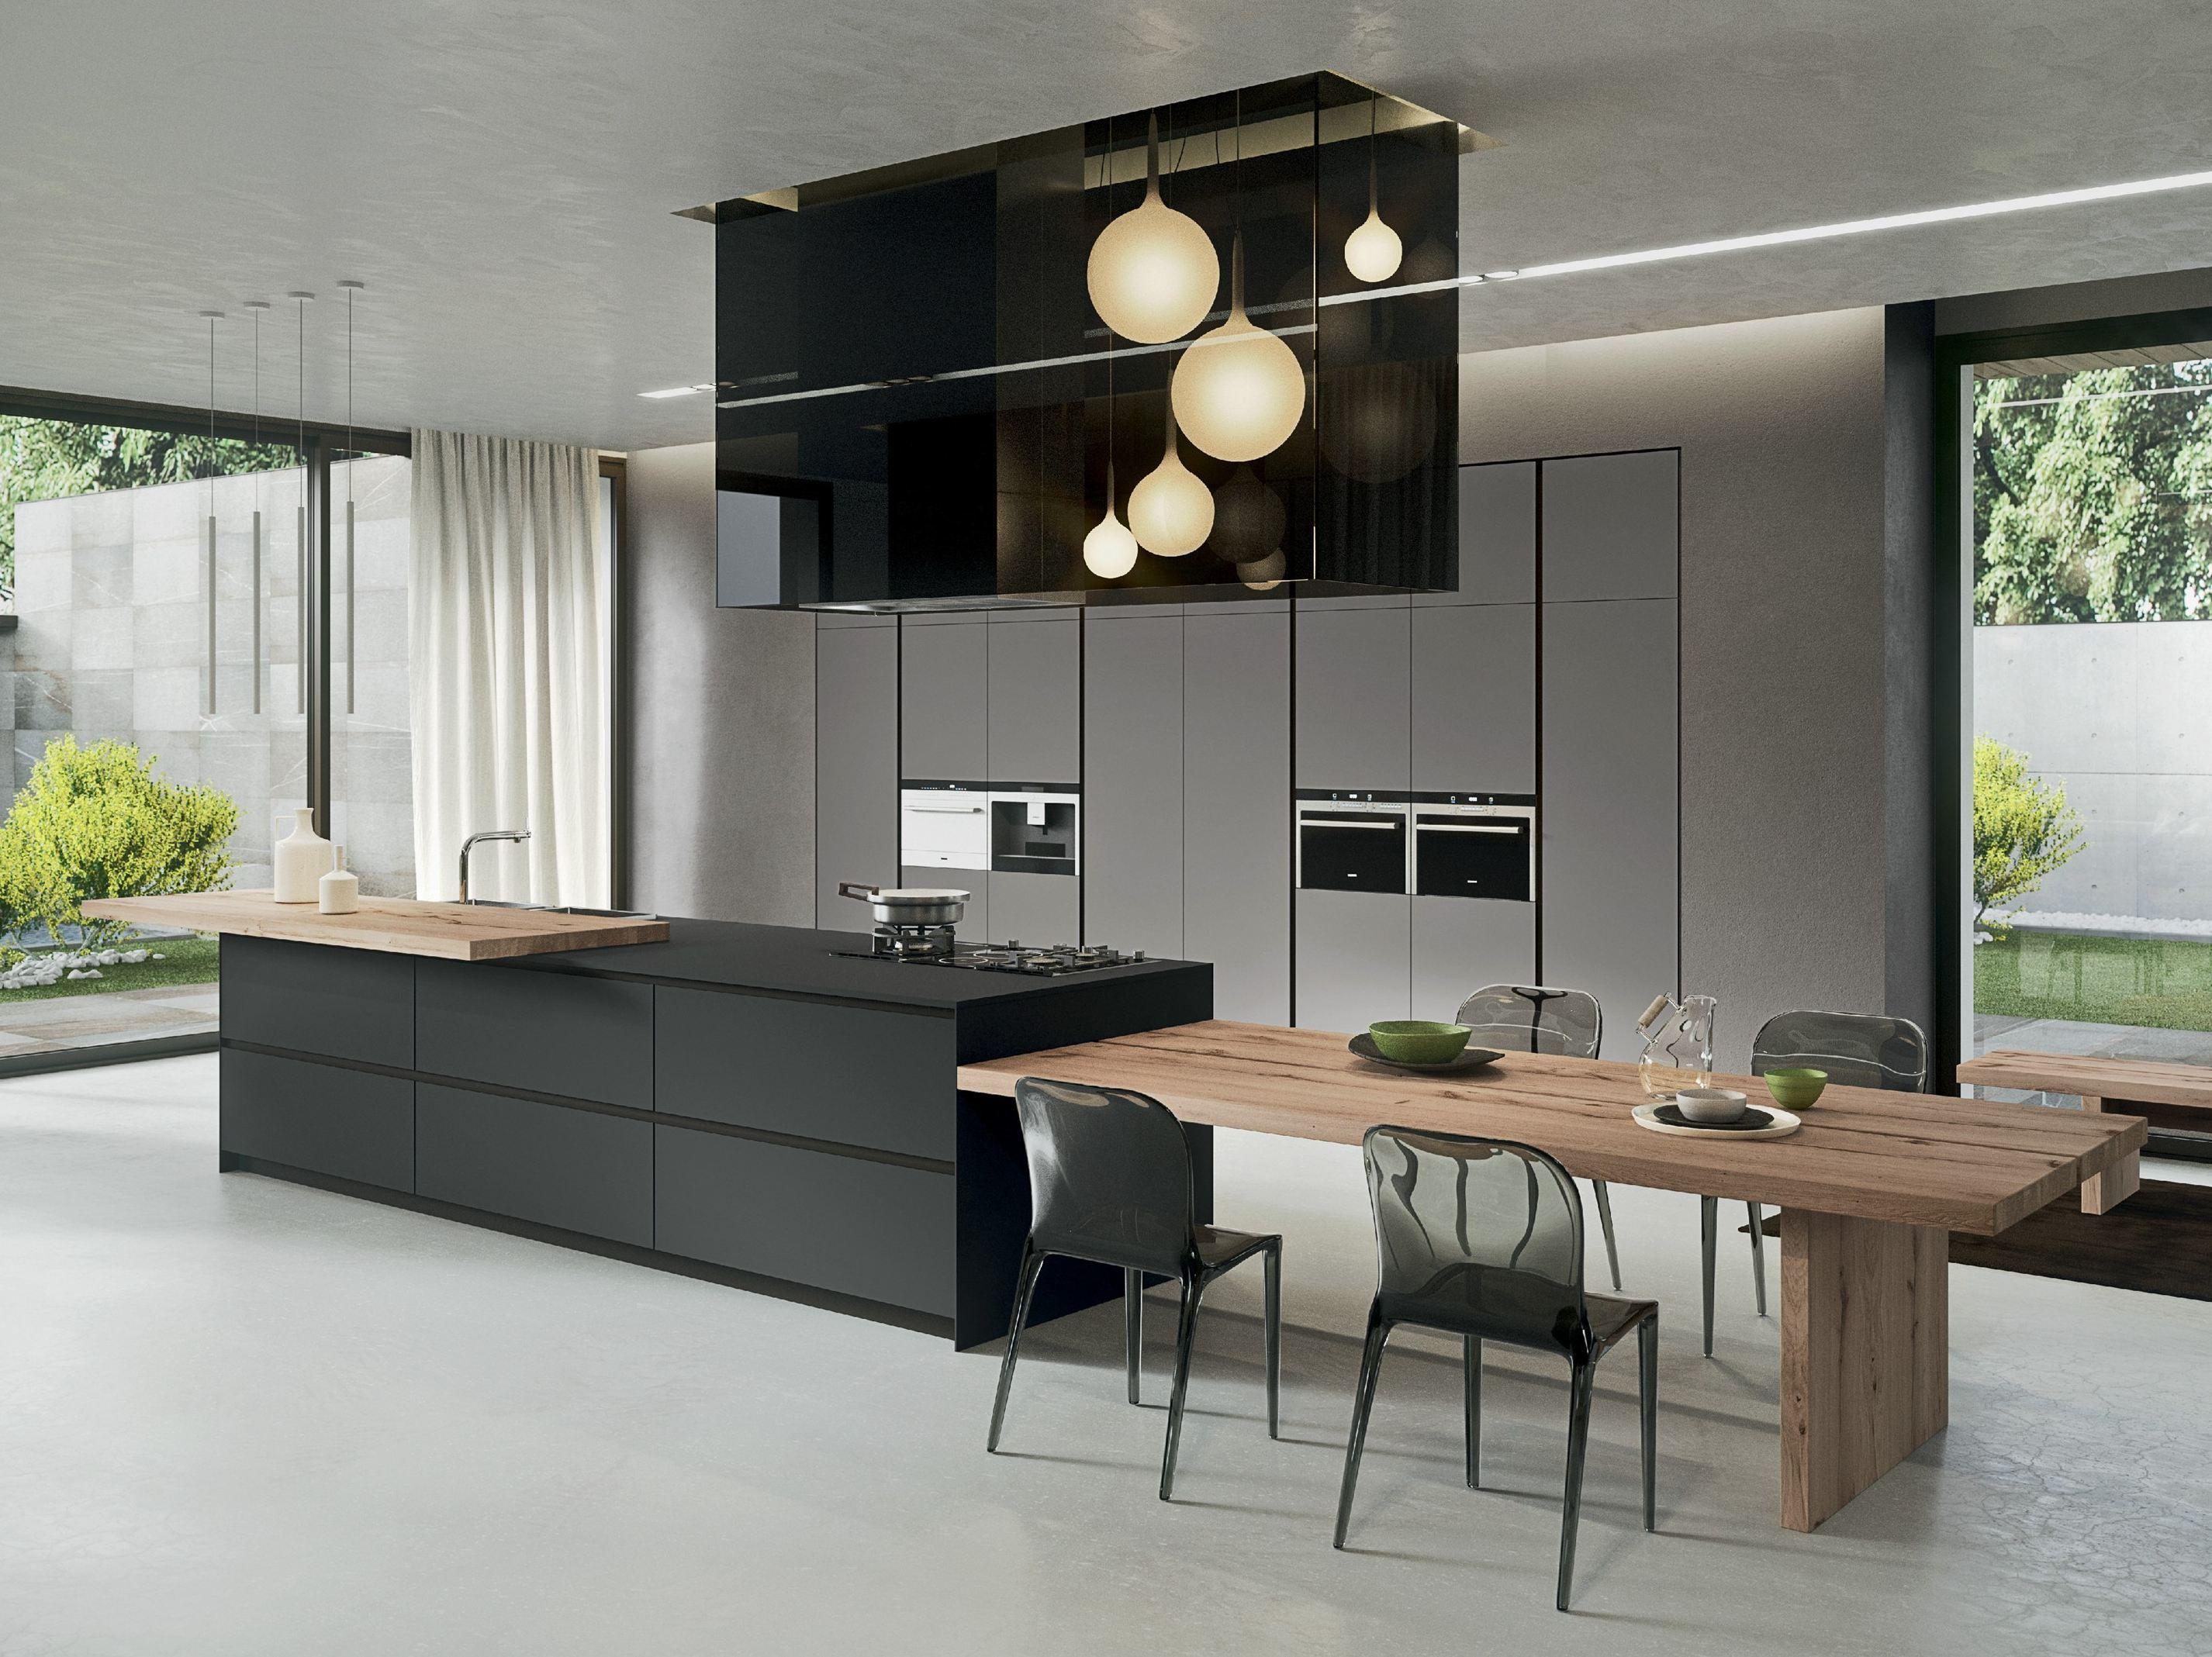 Ak cocina de fenix ntm by arrital kitchendesign also kitchen rh pinterest